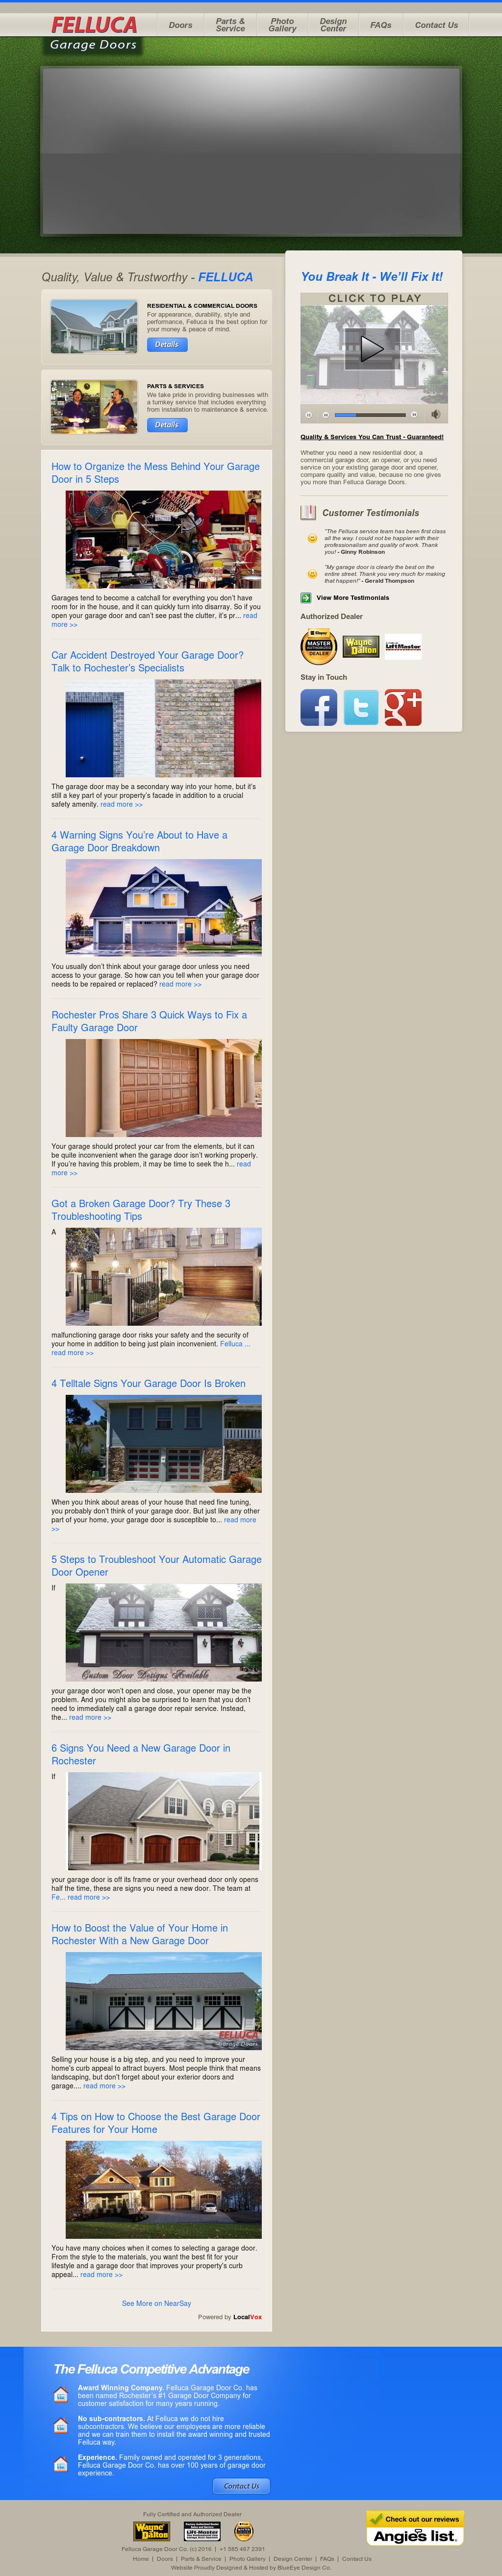 Felluca Garage Doors Website History